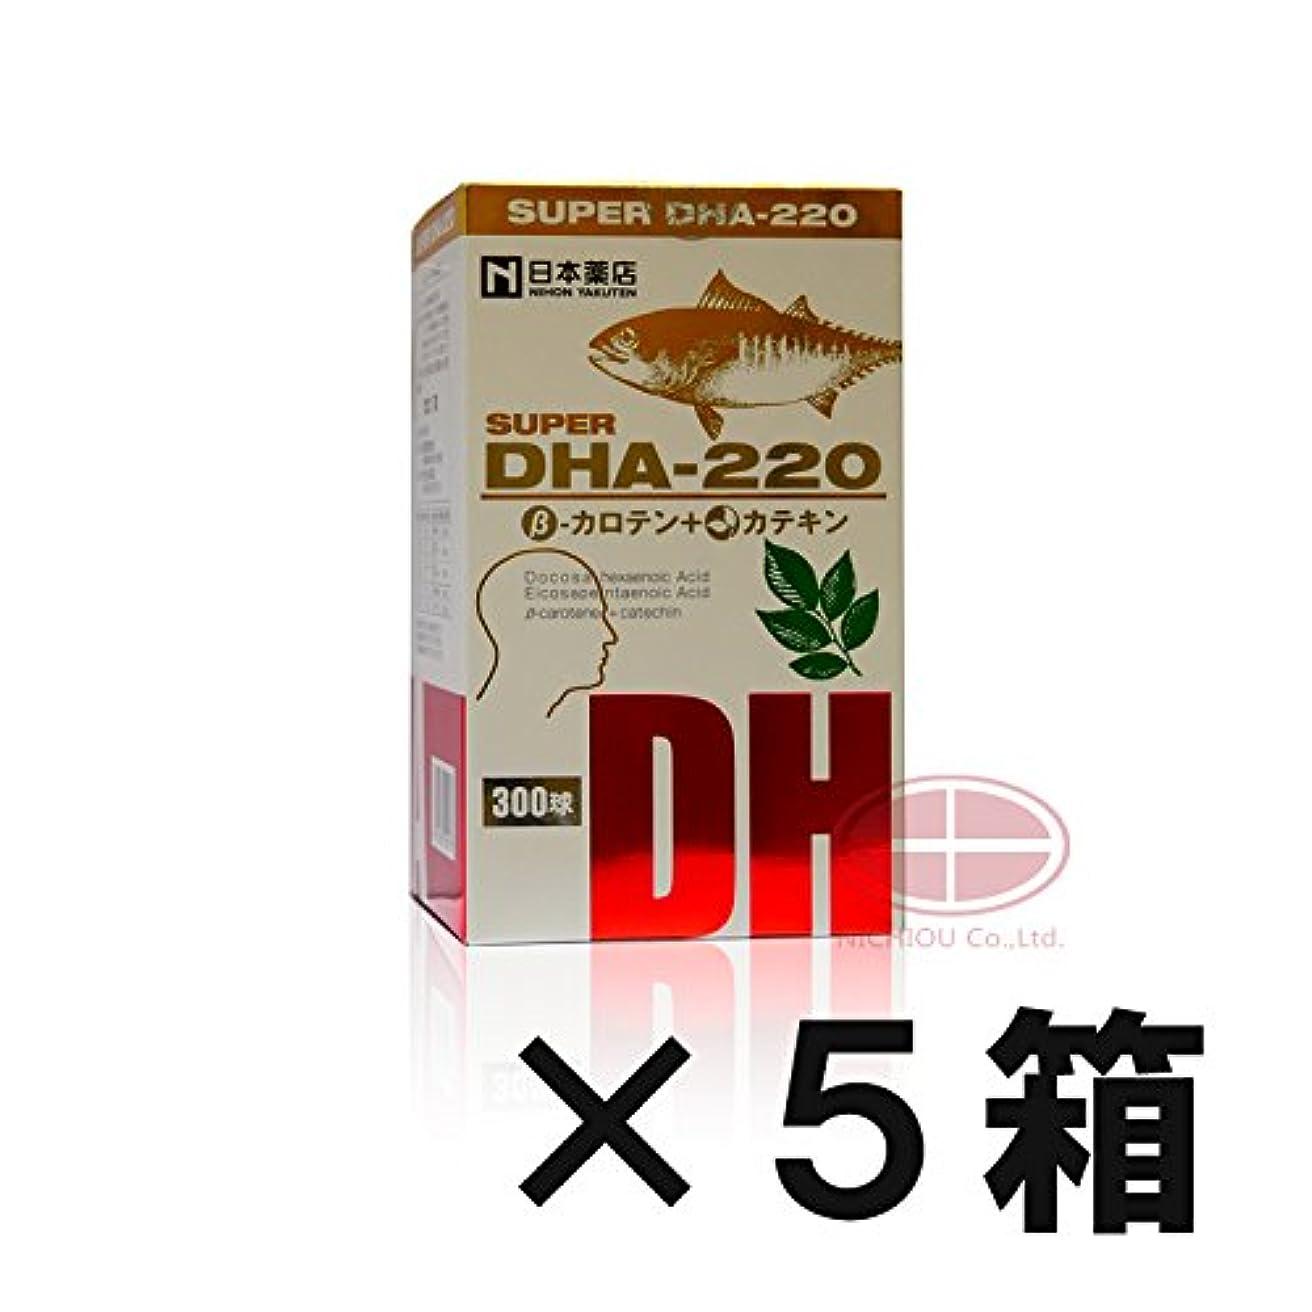 提供求める軽食薬王製薬 スーパーDHA220 βカロテン+カテキン 300粒 (5)